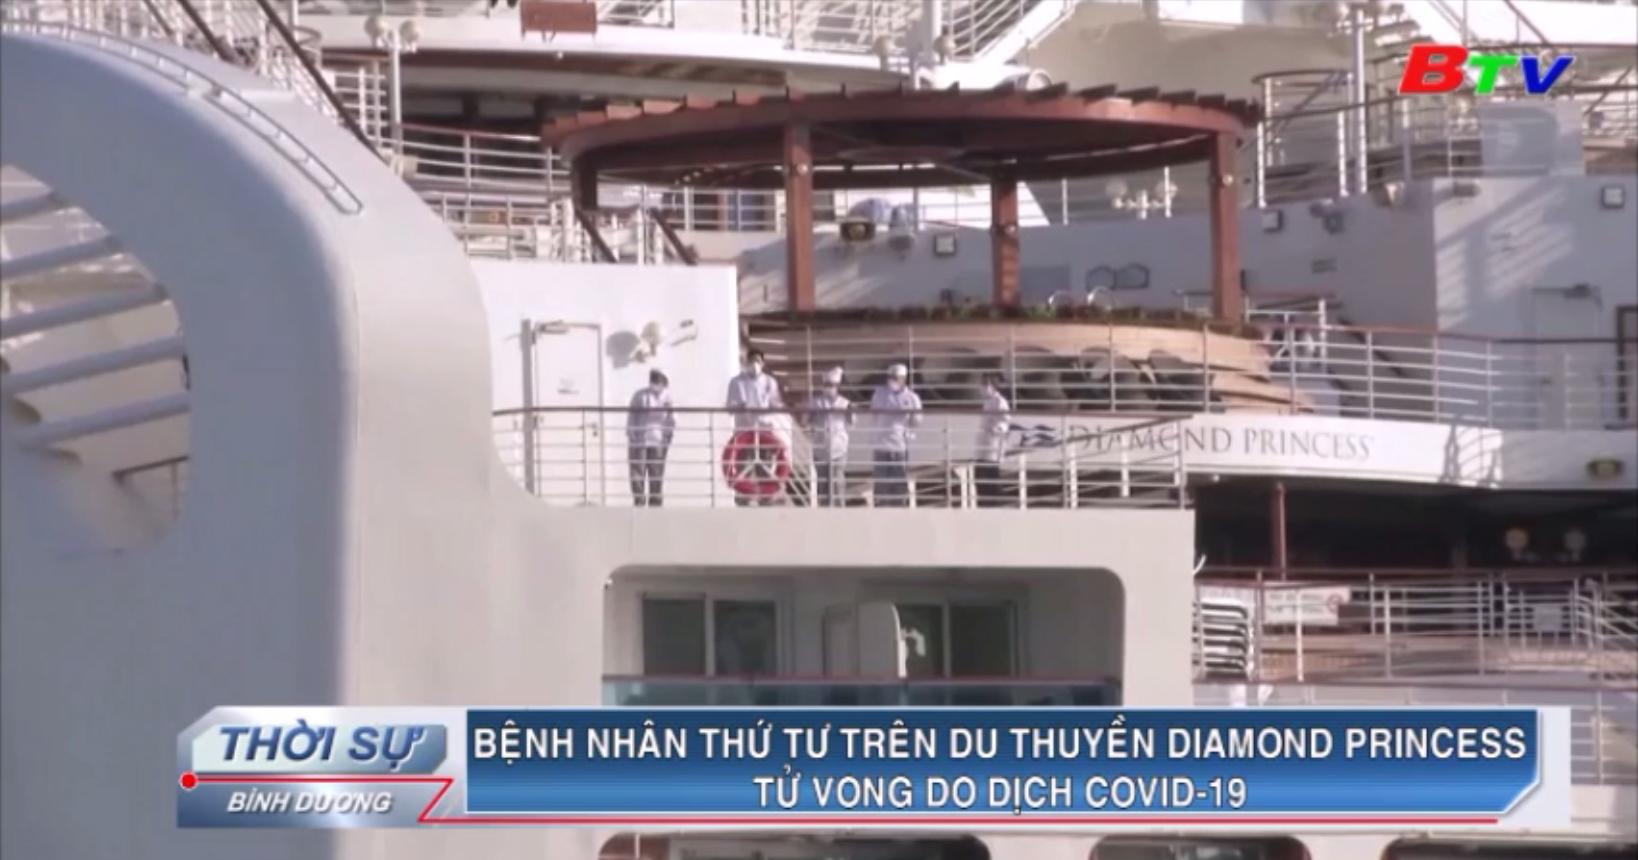 Bệnh nhân thứ tư trên du thuyền Diamond Princess tử vong do dịch Covid-19